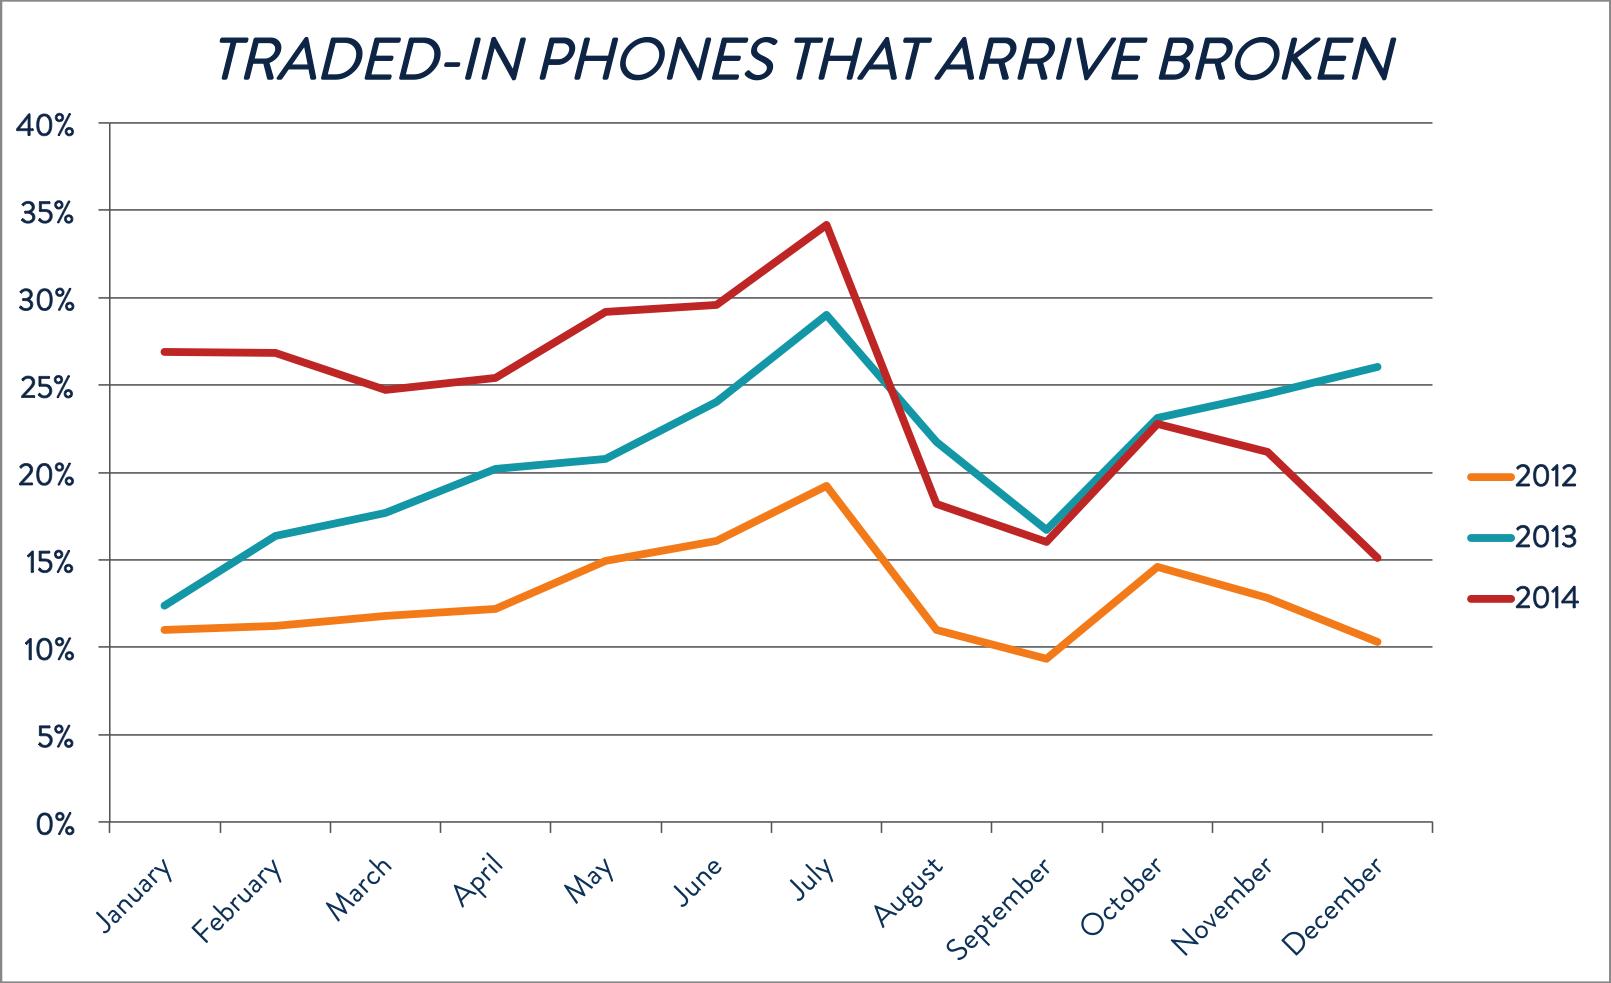 Traded-in phones that arrive broken